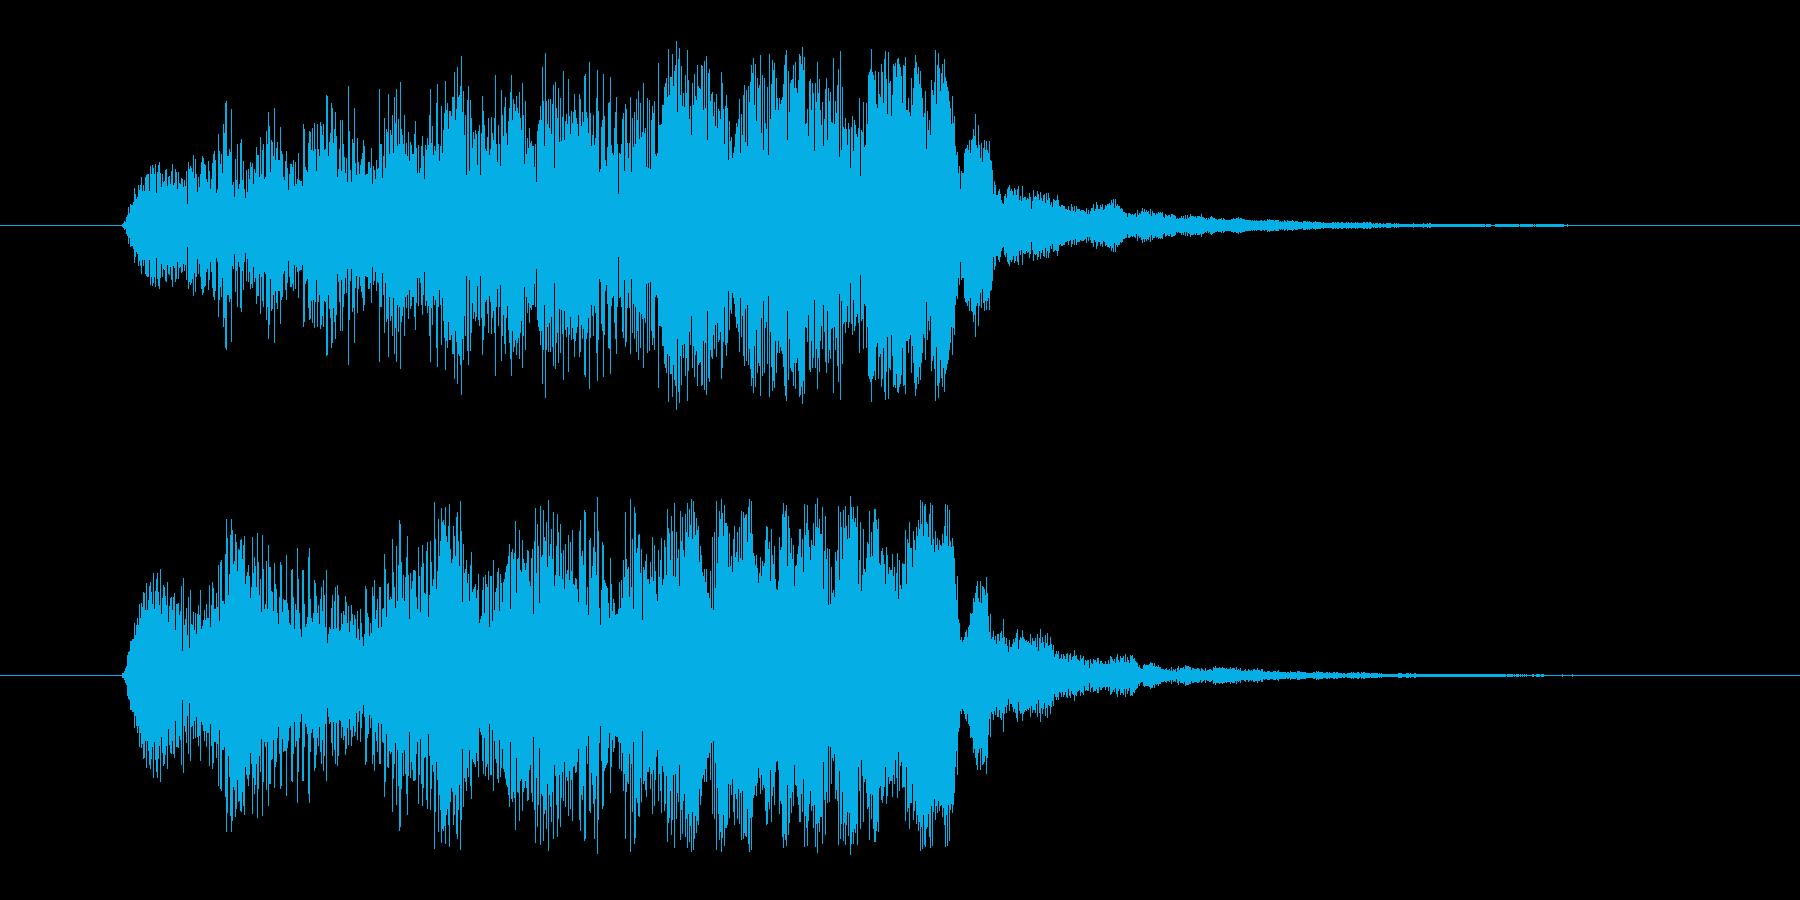 エンカウントジングルの再生済みの波形